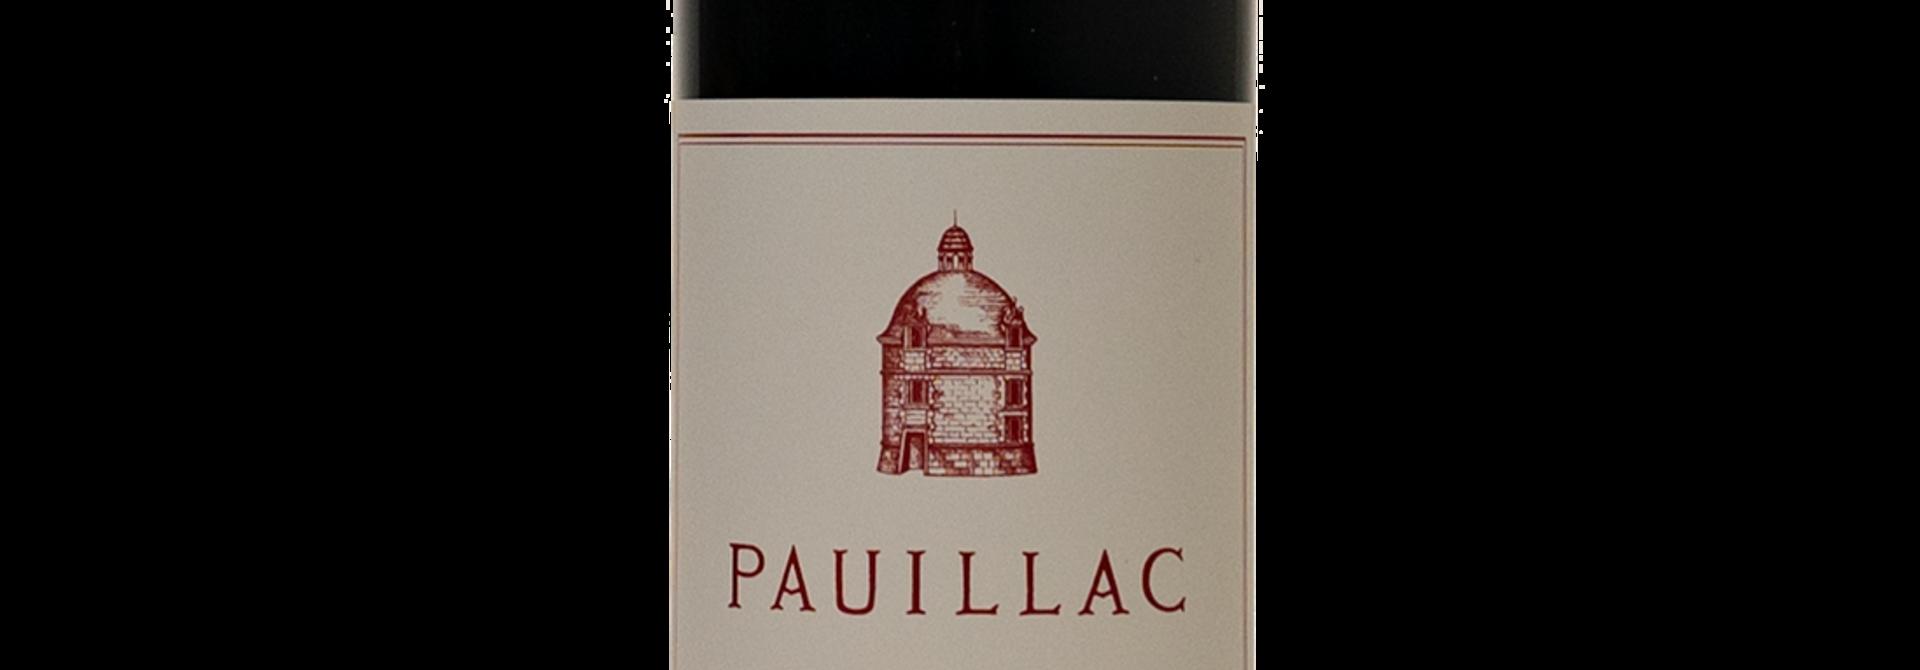 Le Pauillac de Château Latour 2016